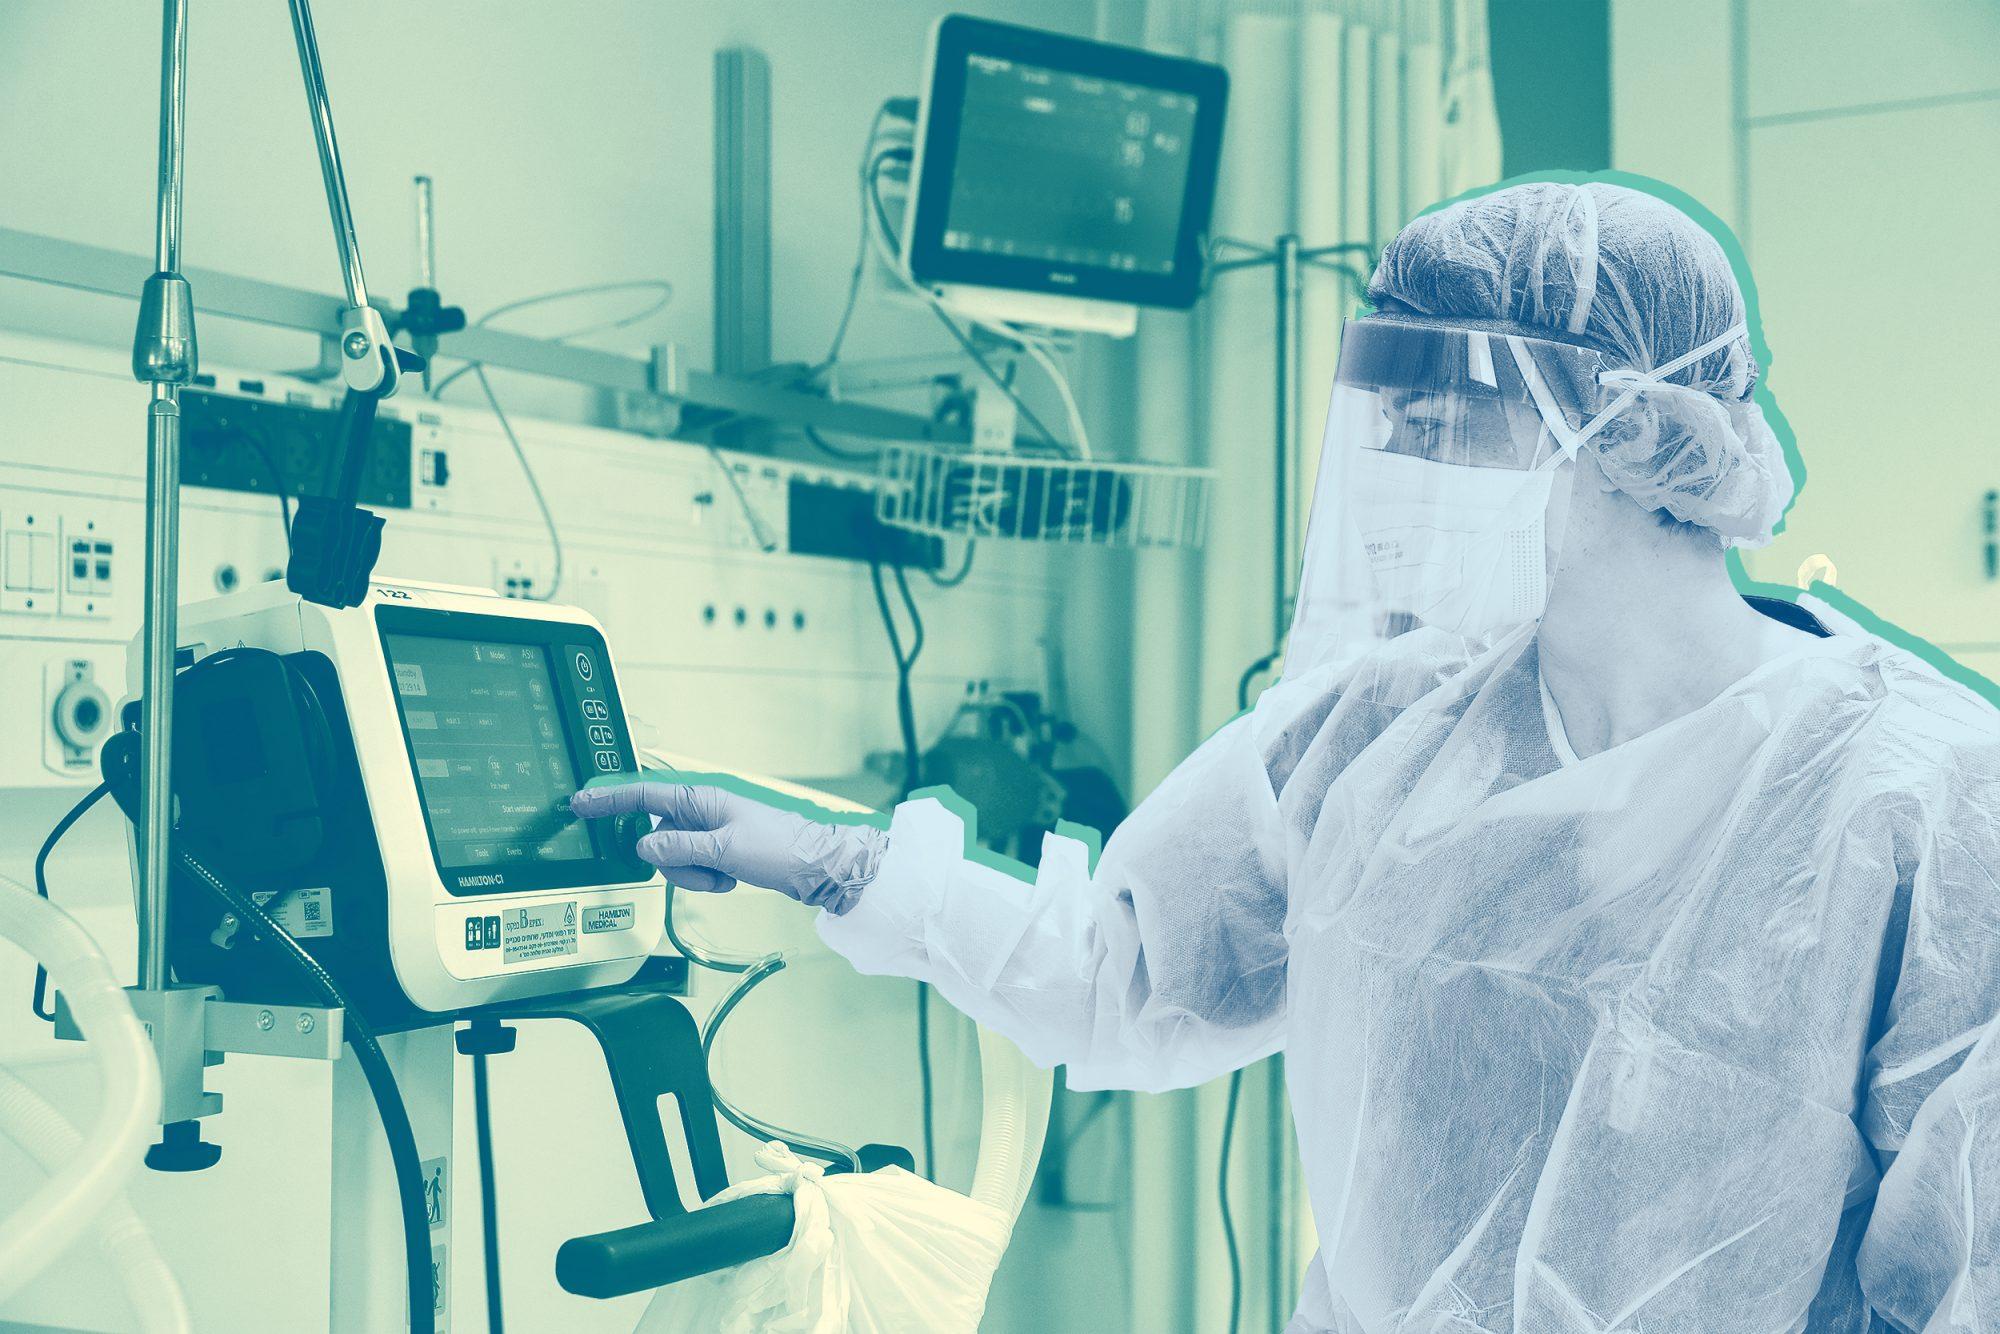 Ακριβοπληρώνουν τα νοσοκομεία τις δωρεές αναπνευστήρων για τον κορωνοϊό